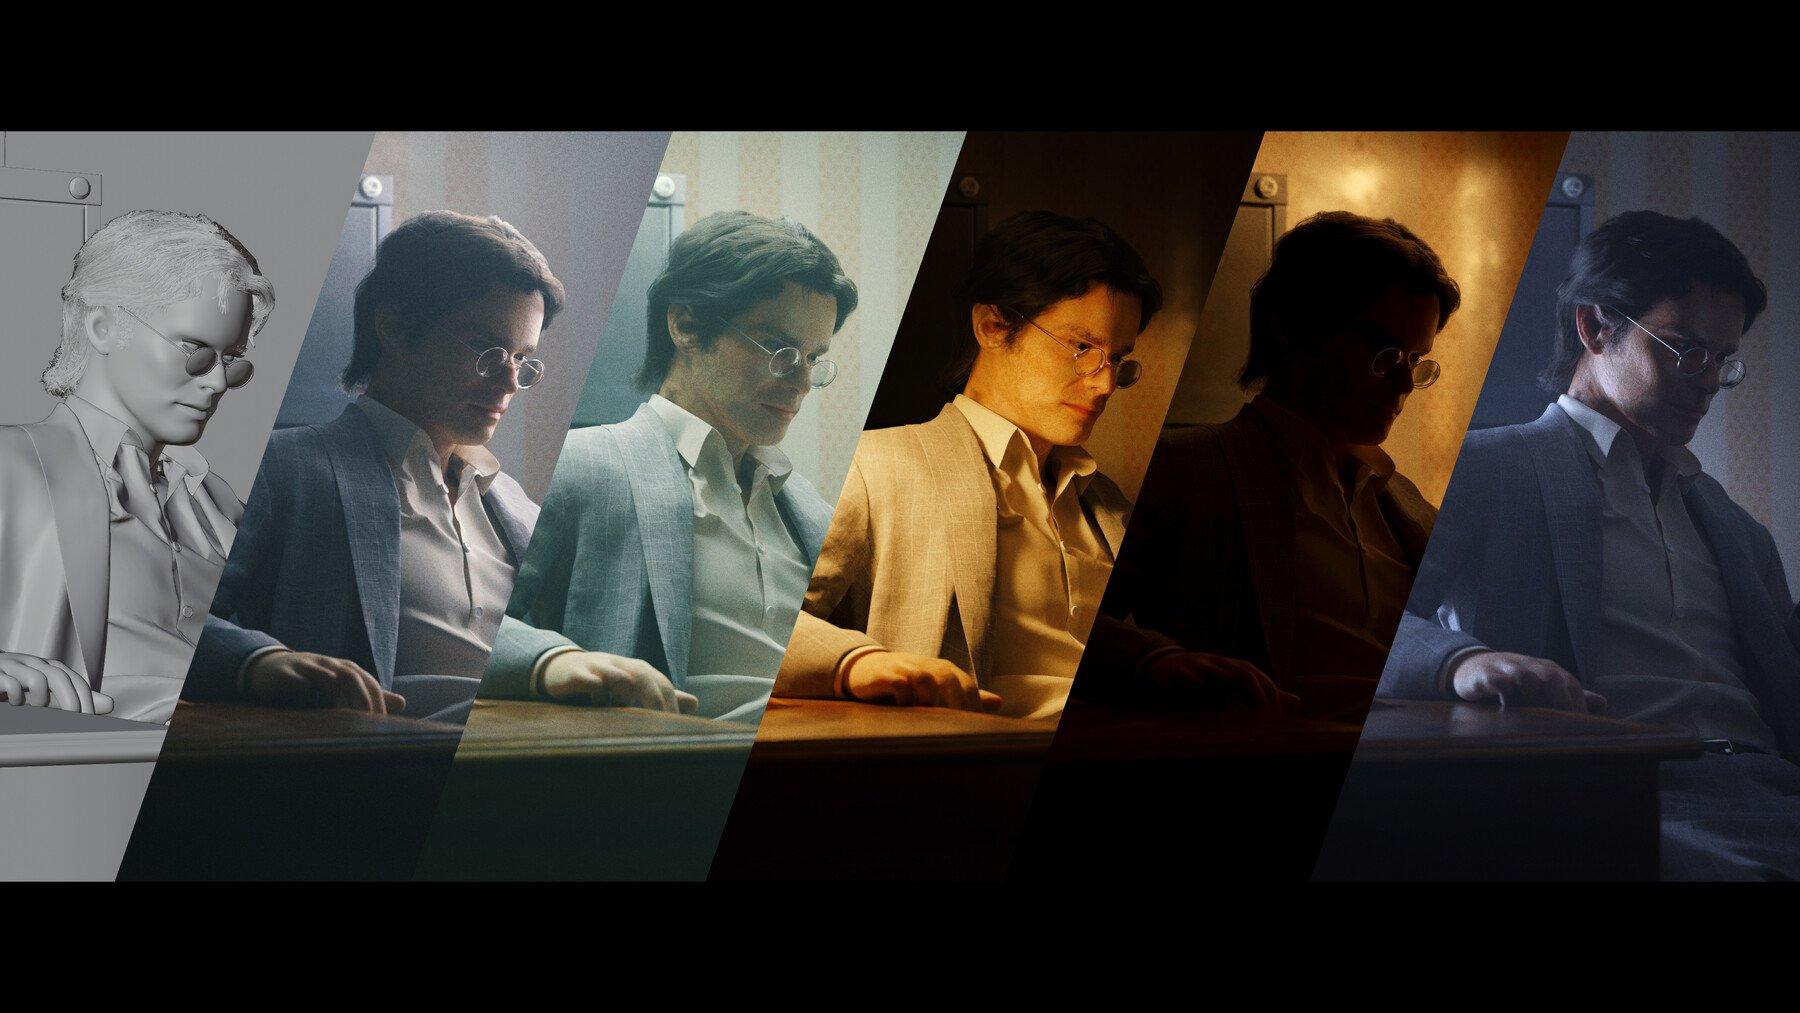 C4素材网-Blender工程/教程-办公室人物照明场景